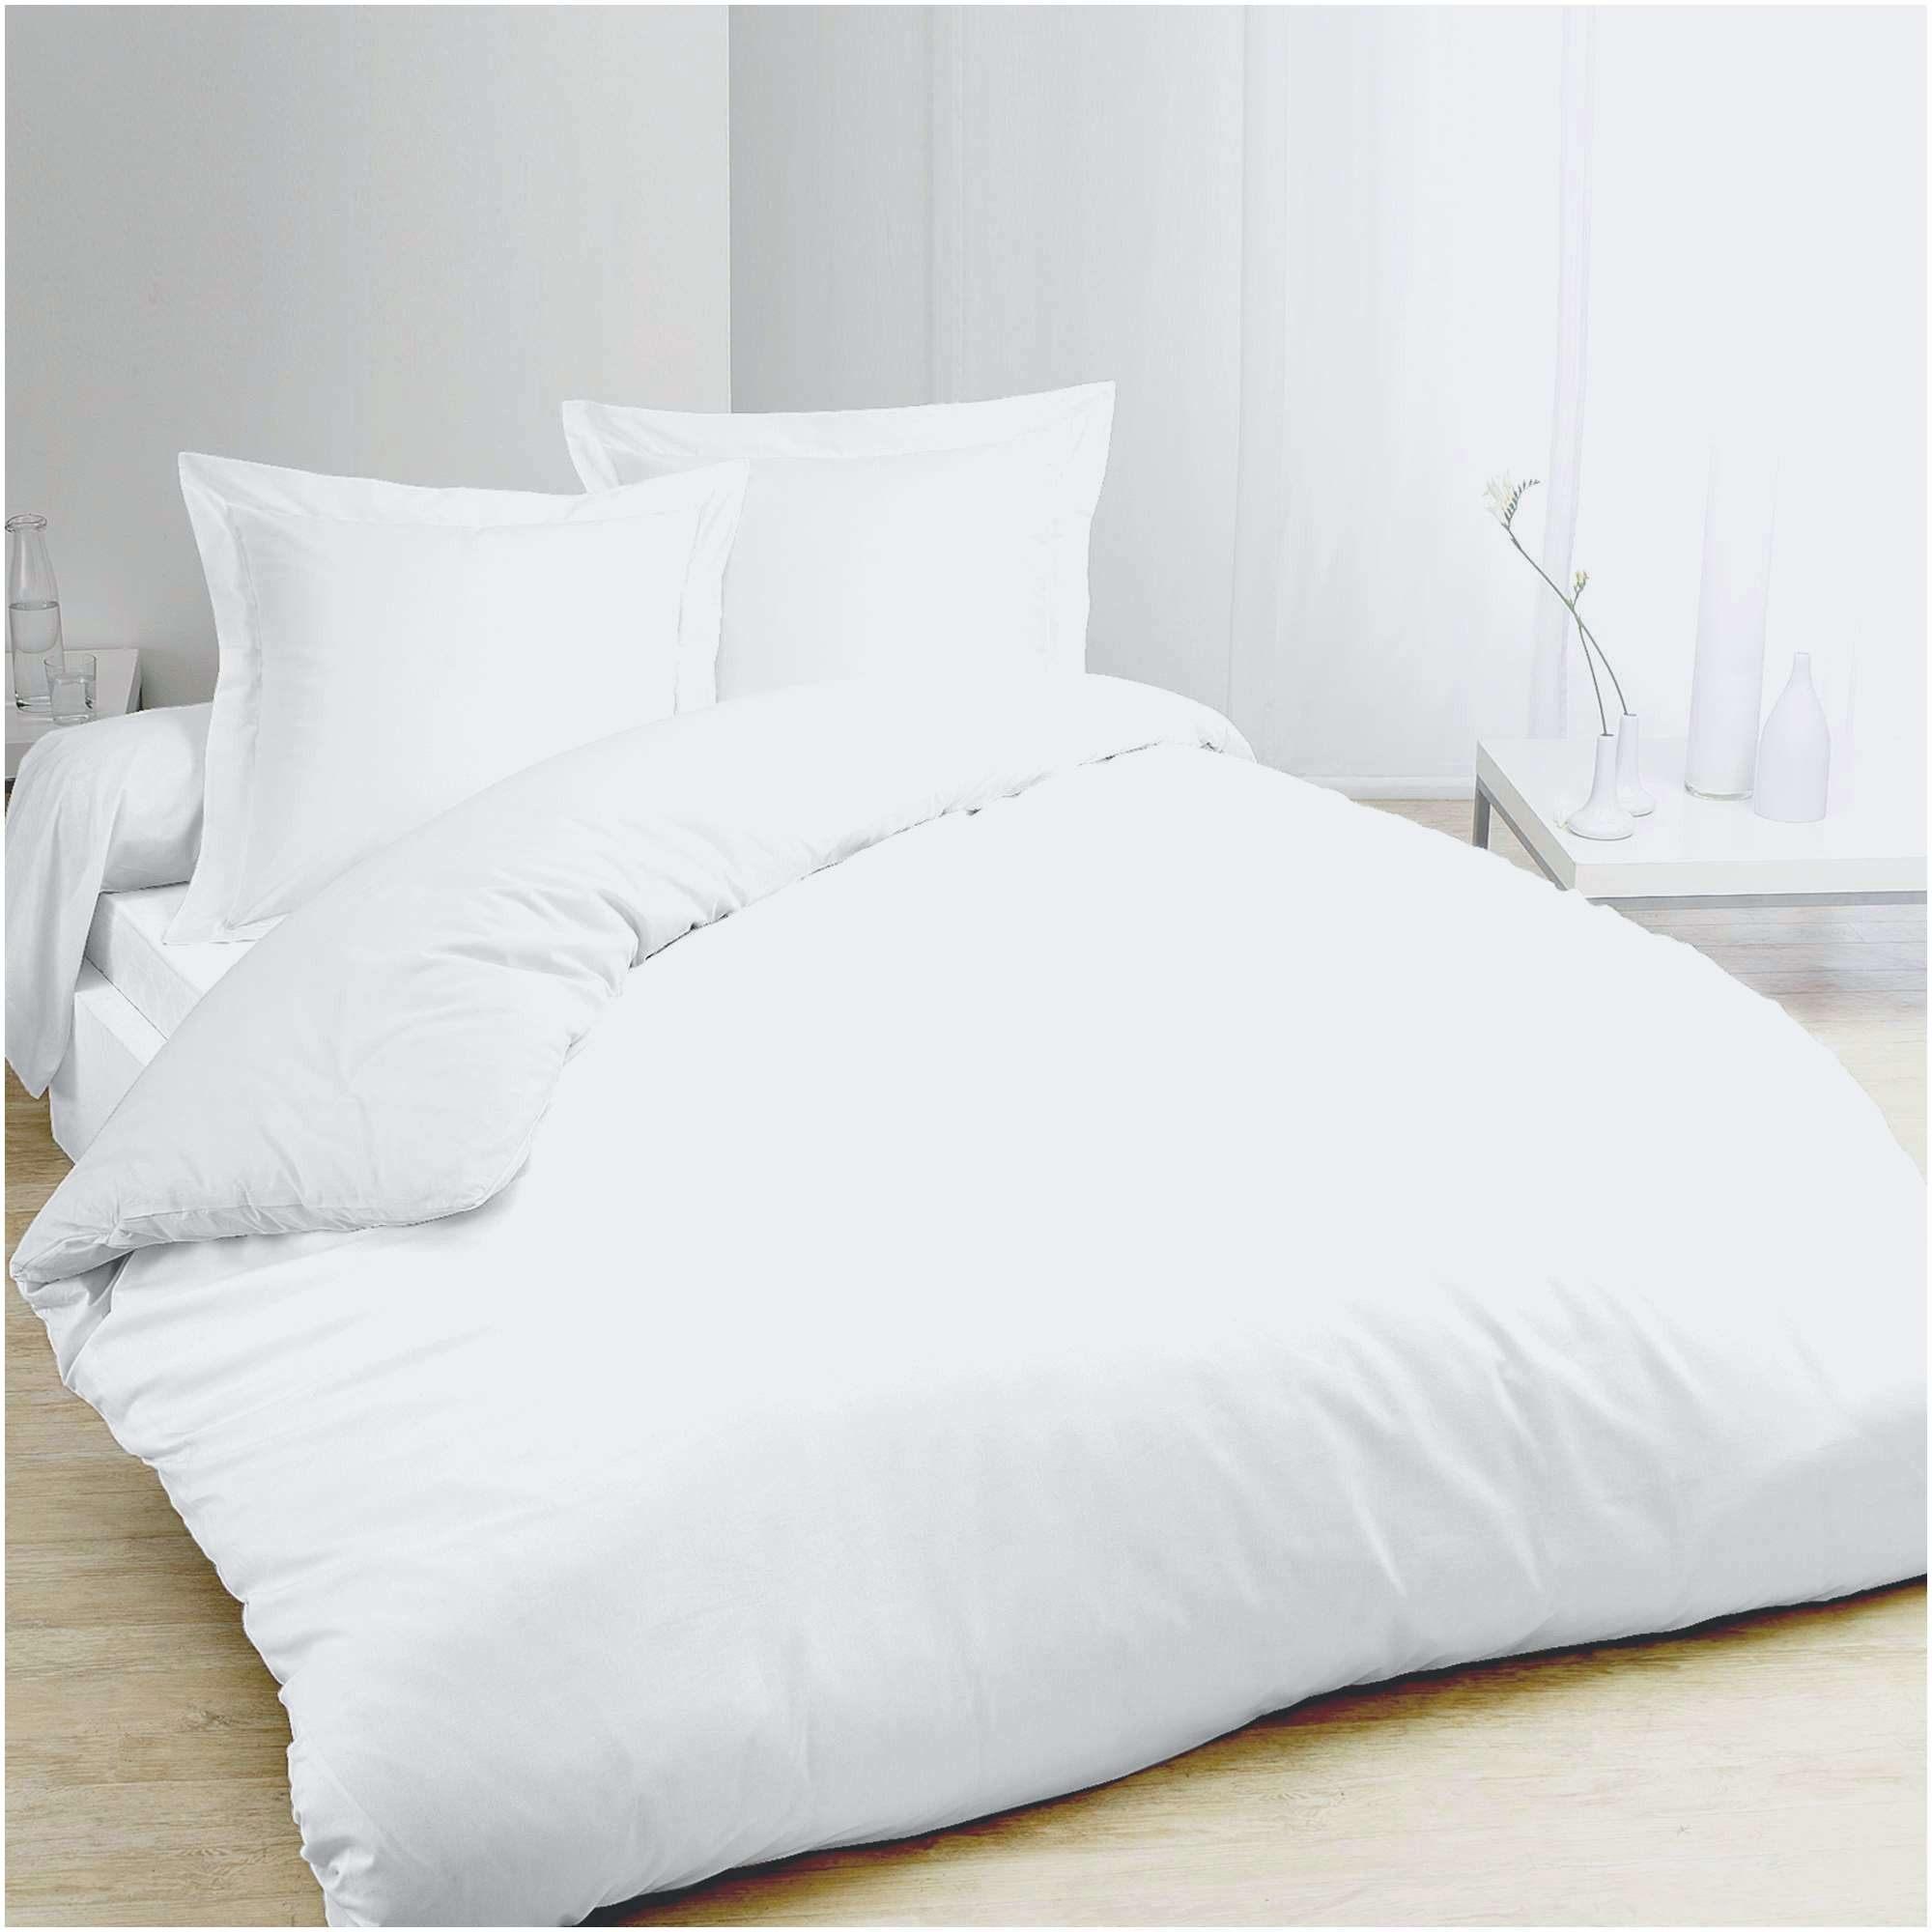 Tete De Lit à Housser Beau Impressionnant Barre Tete De Lit Cool Bedroom Ideas Bedroom Ideas